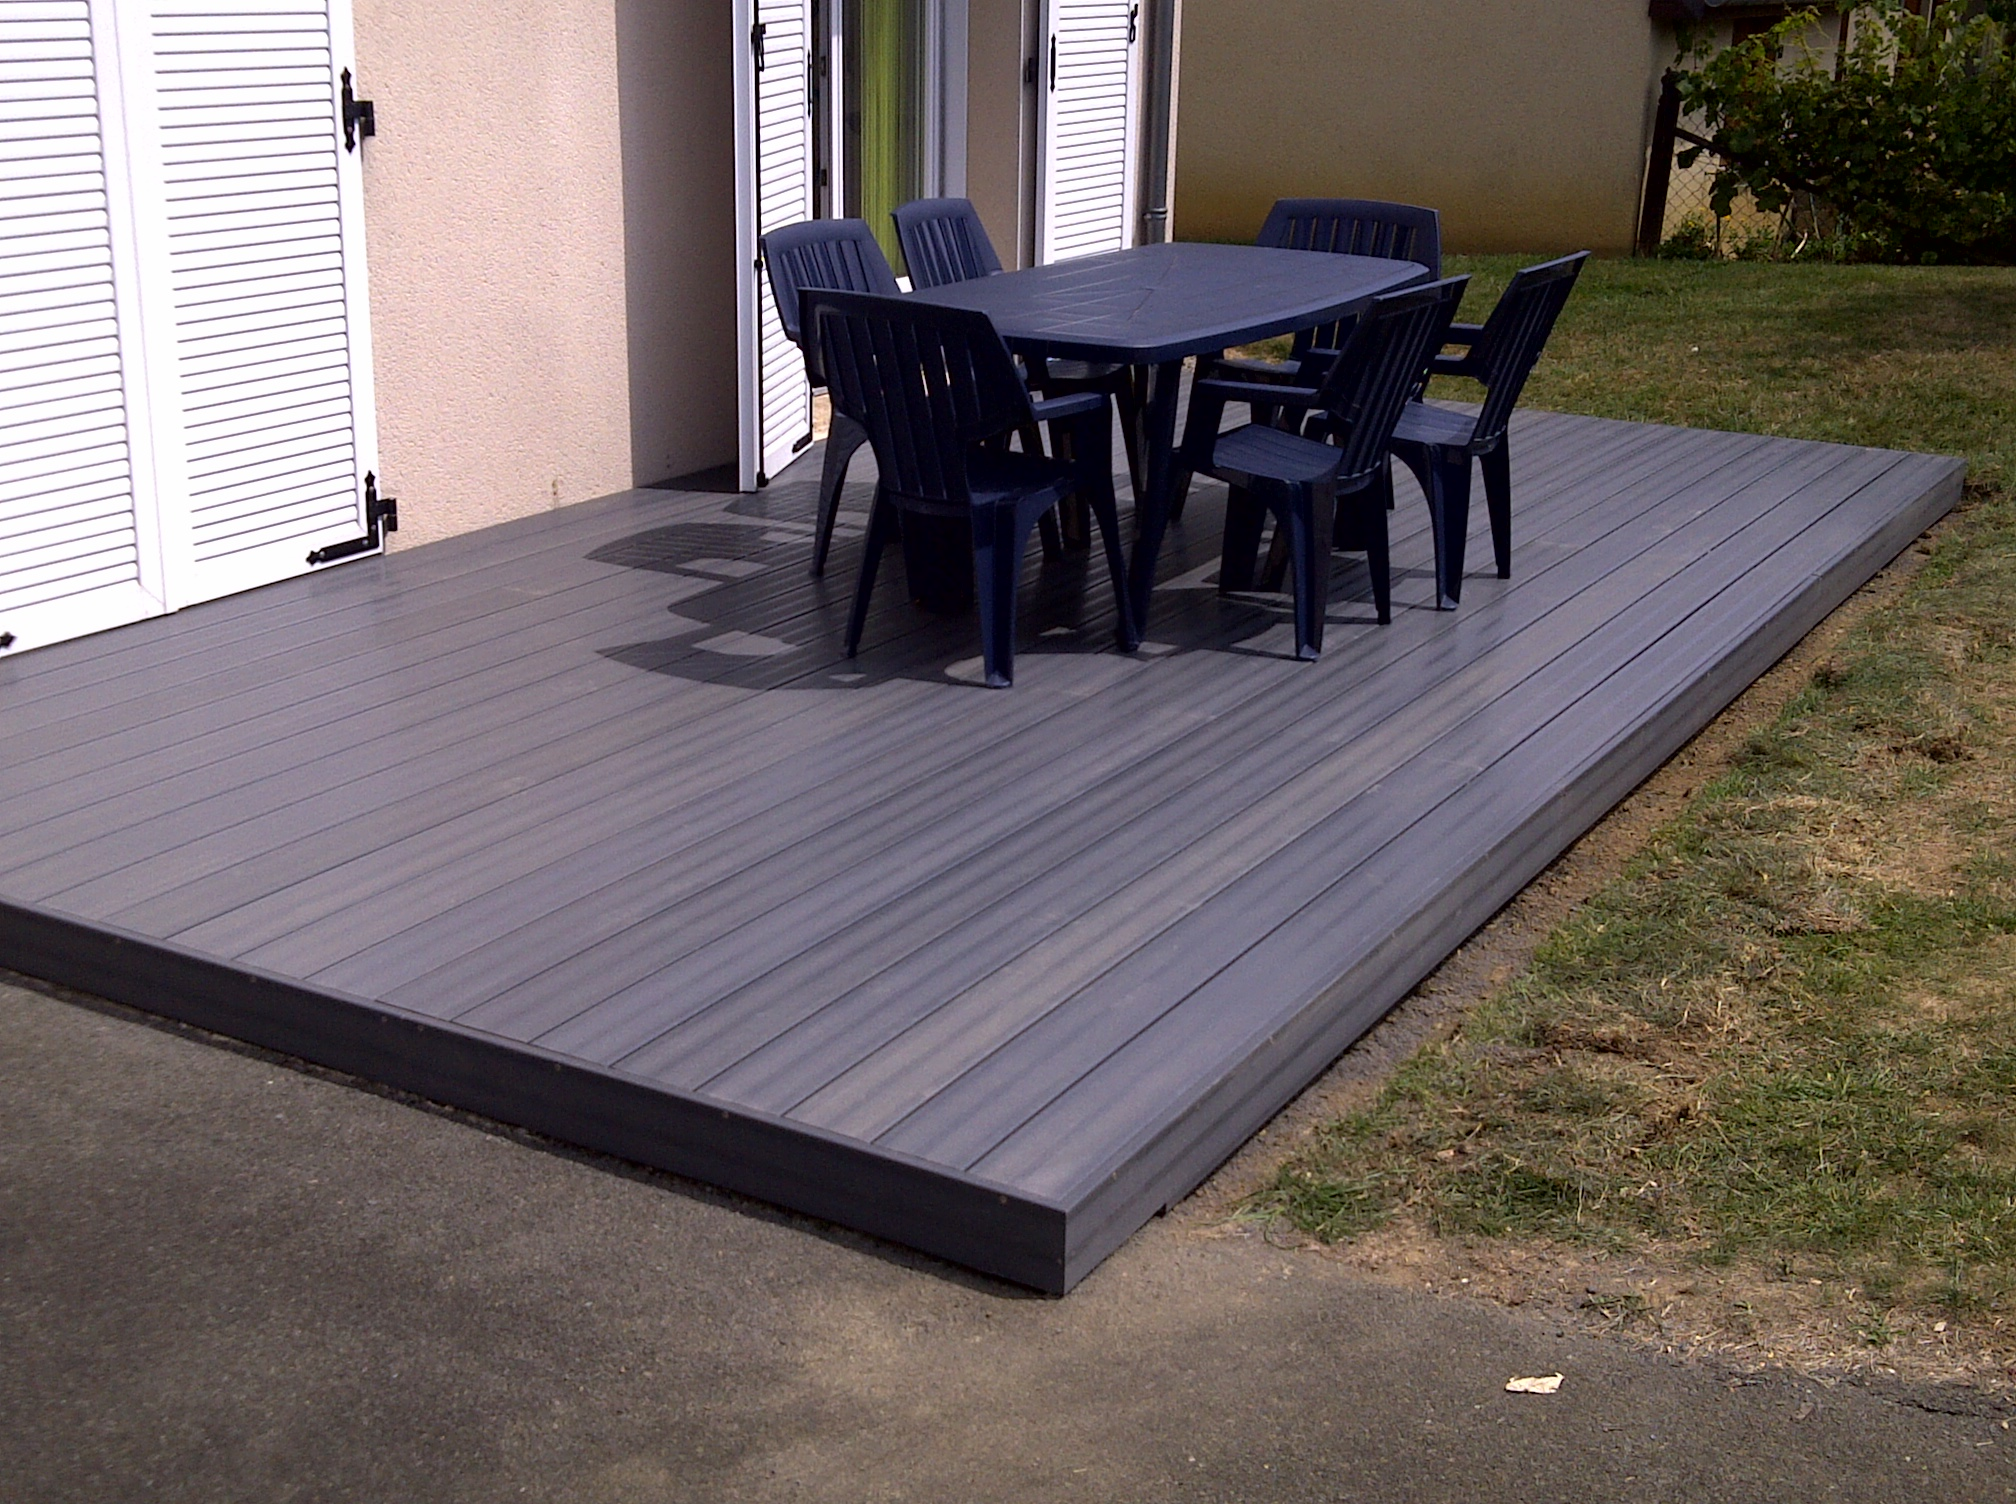 Salon de jardin pour terrasse composite - Abri de jardin et ...